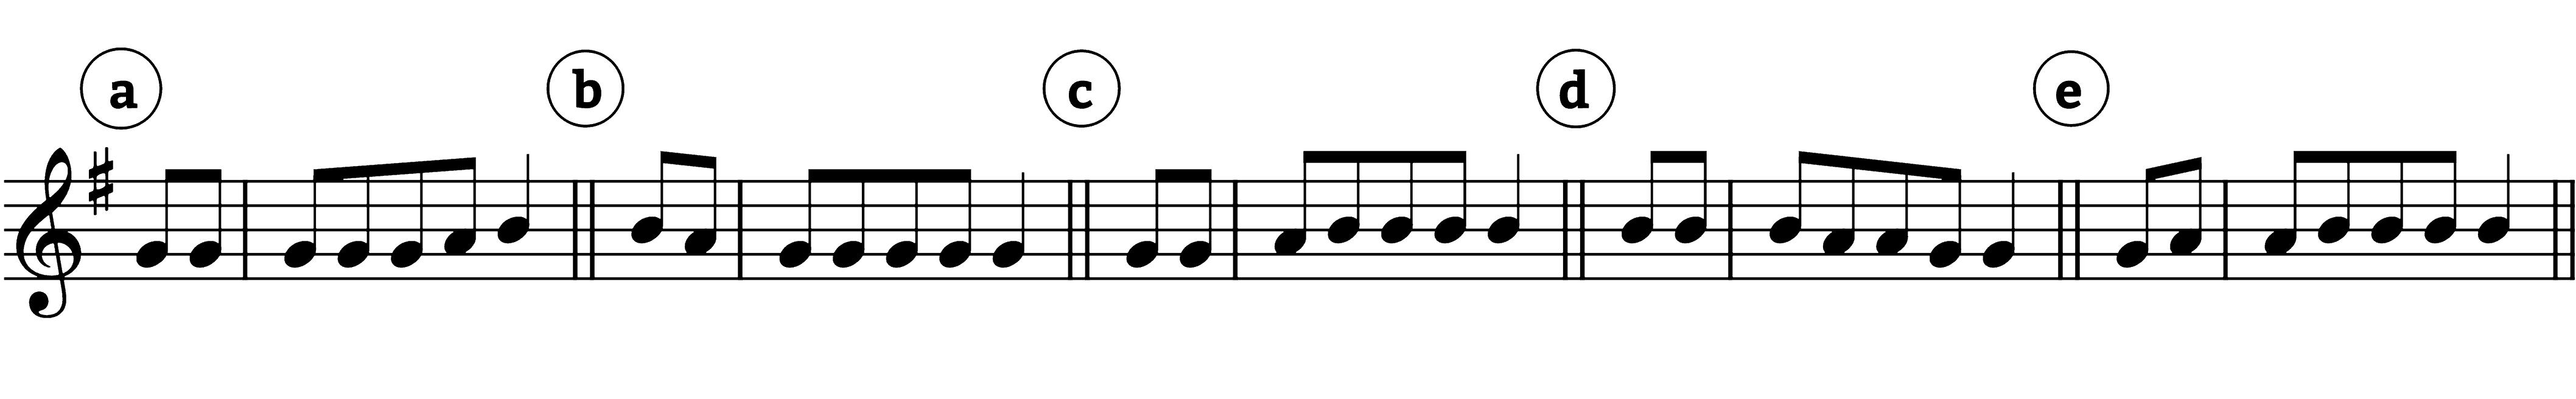 3ns-sample-rhythms